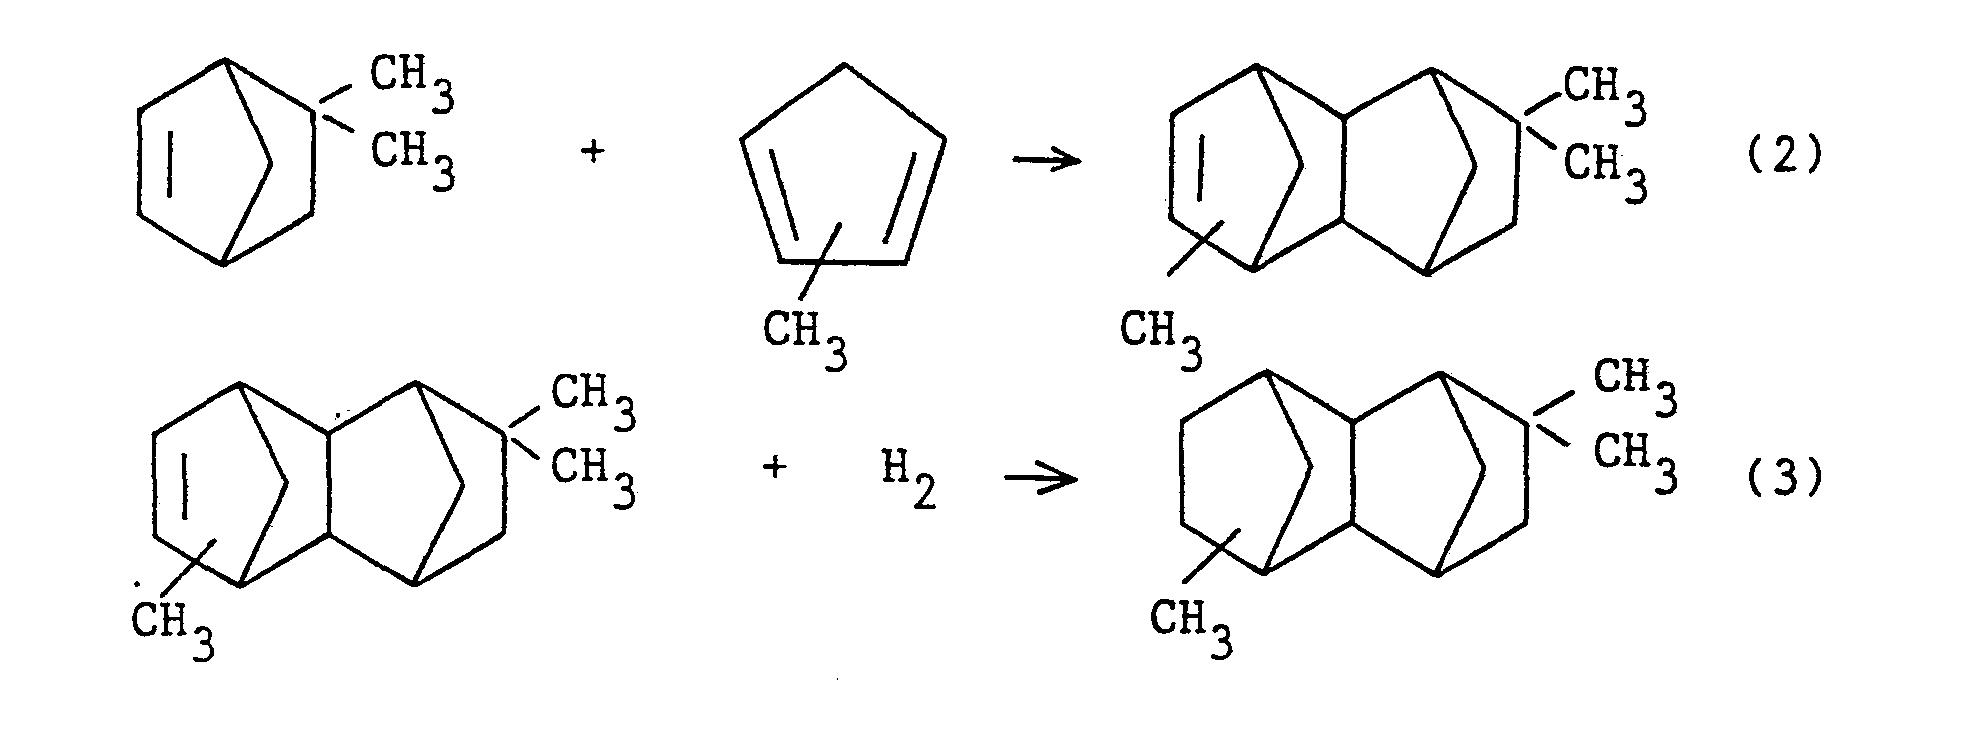 patent ep0166382a2 - high-density liquid fuel